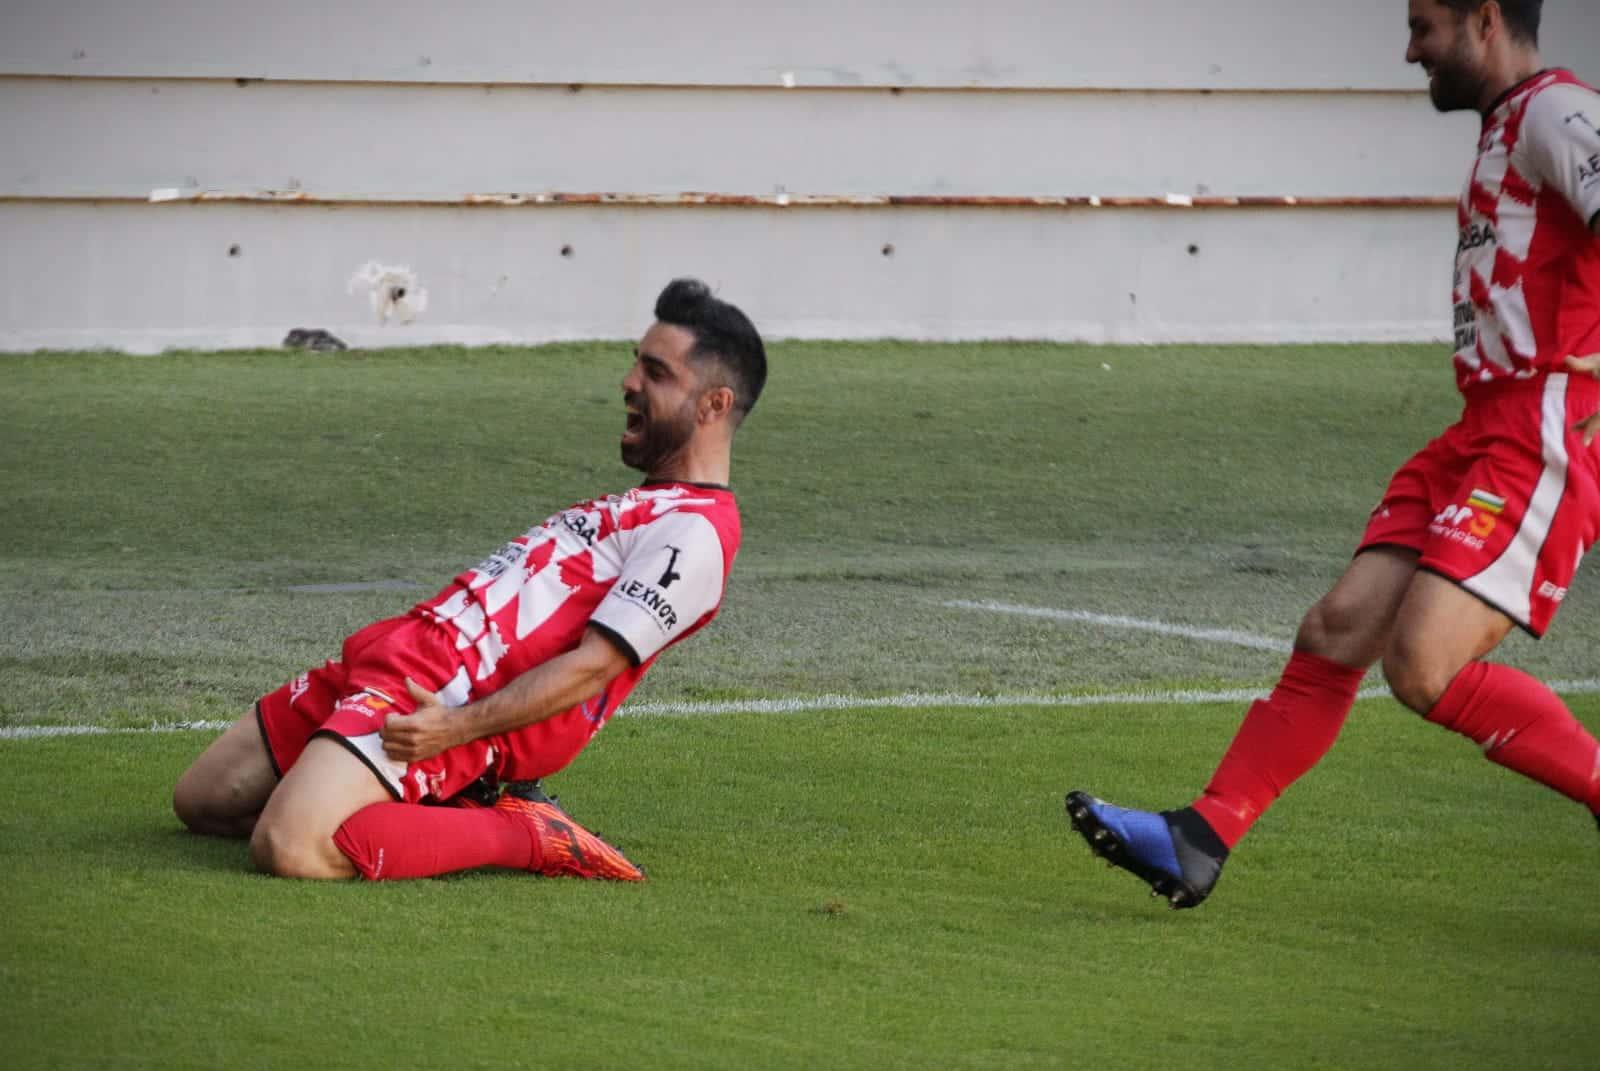 El Casalarreina cae eliminado y dice adiós al sueño del ascenso en una temporada histórica 1